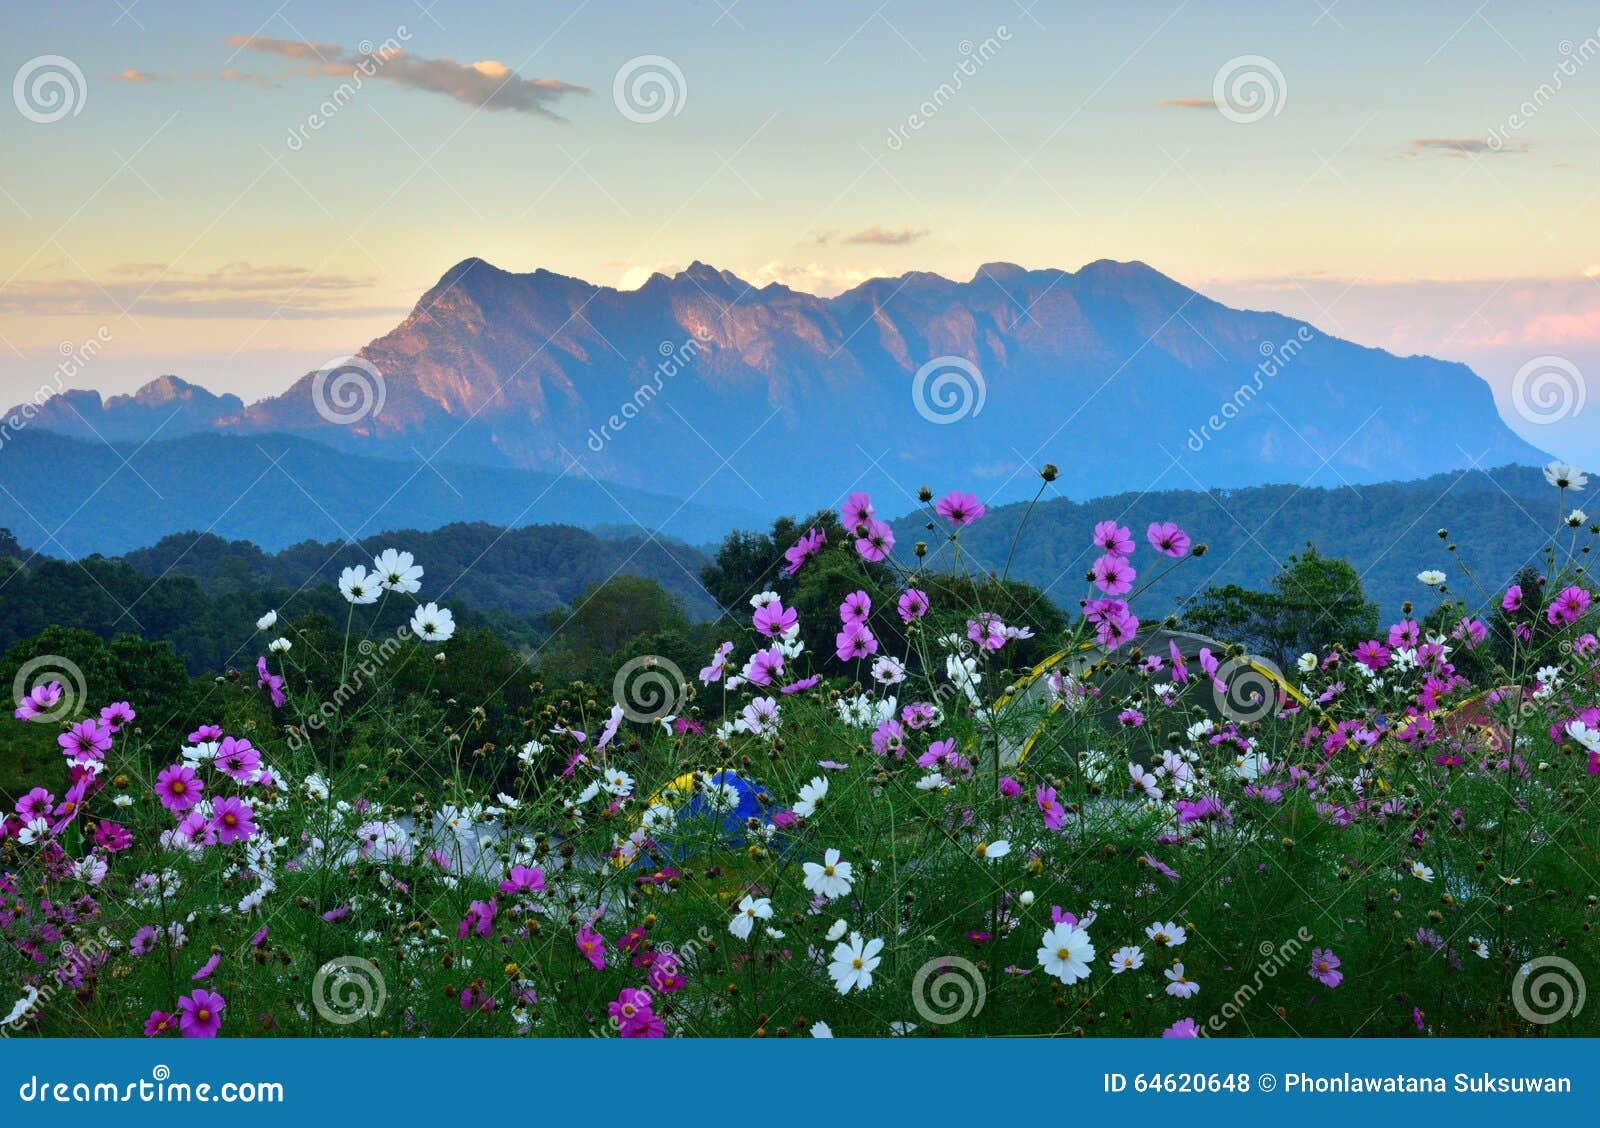 热带森林风景日落的.图片